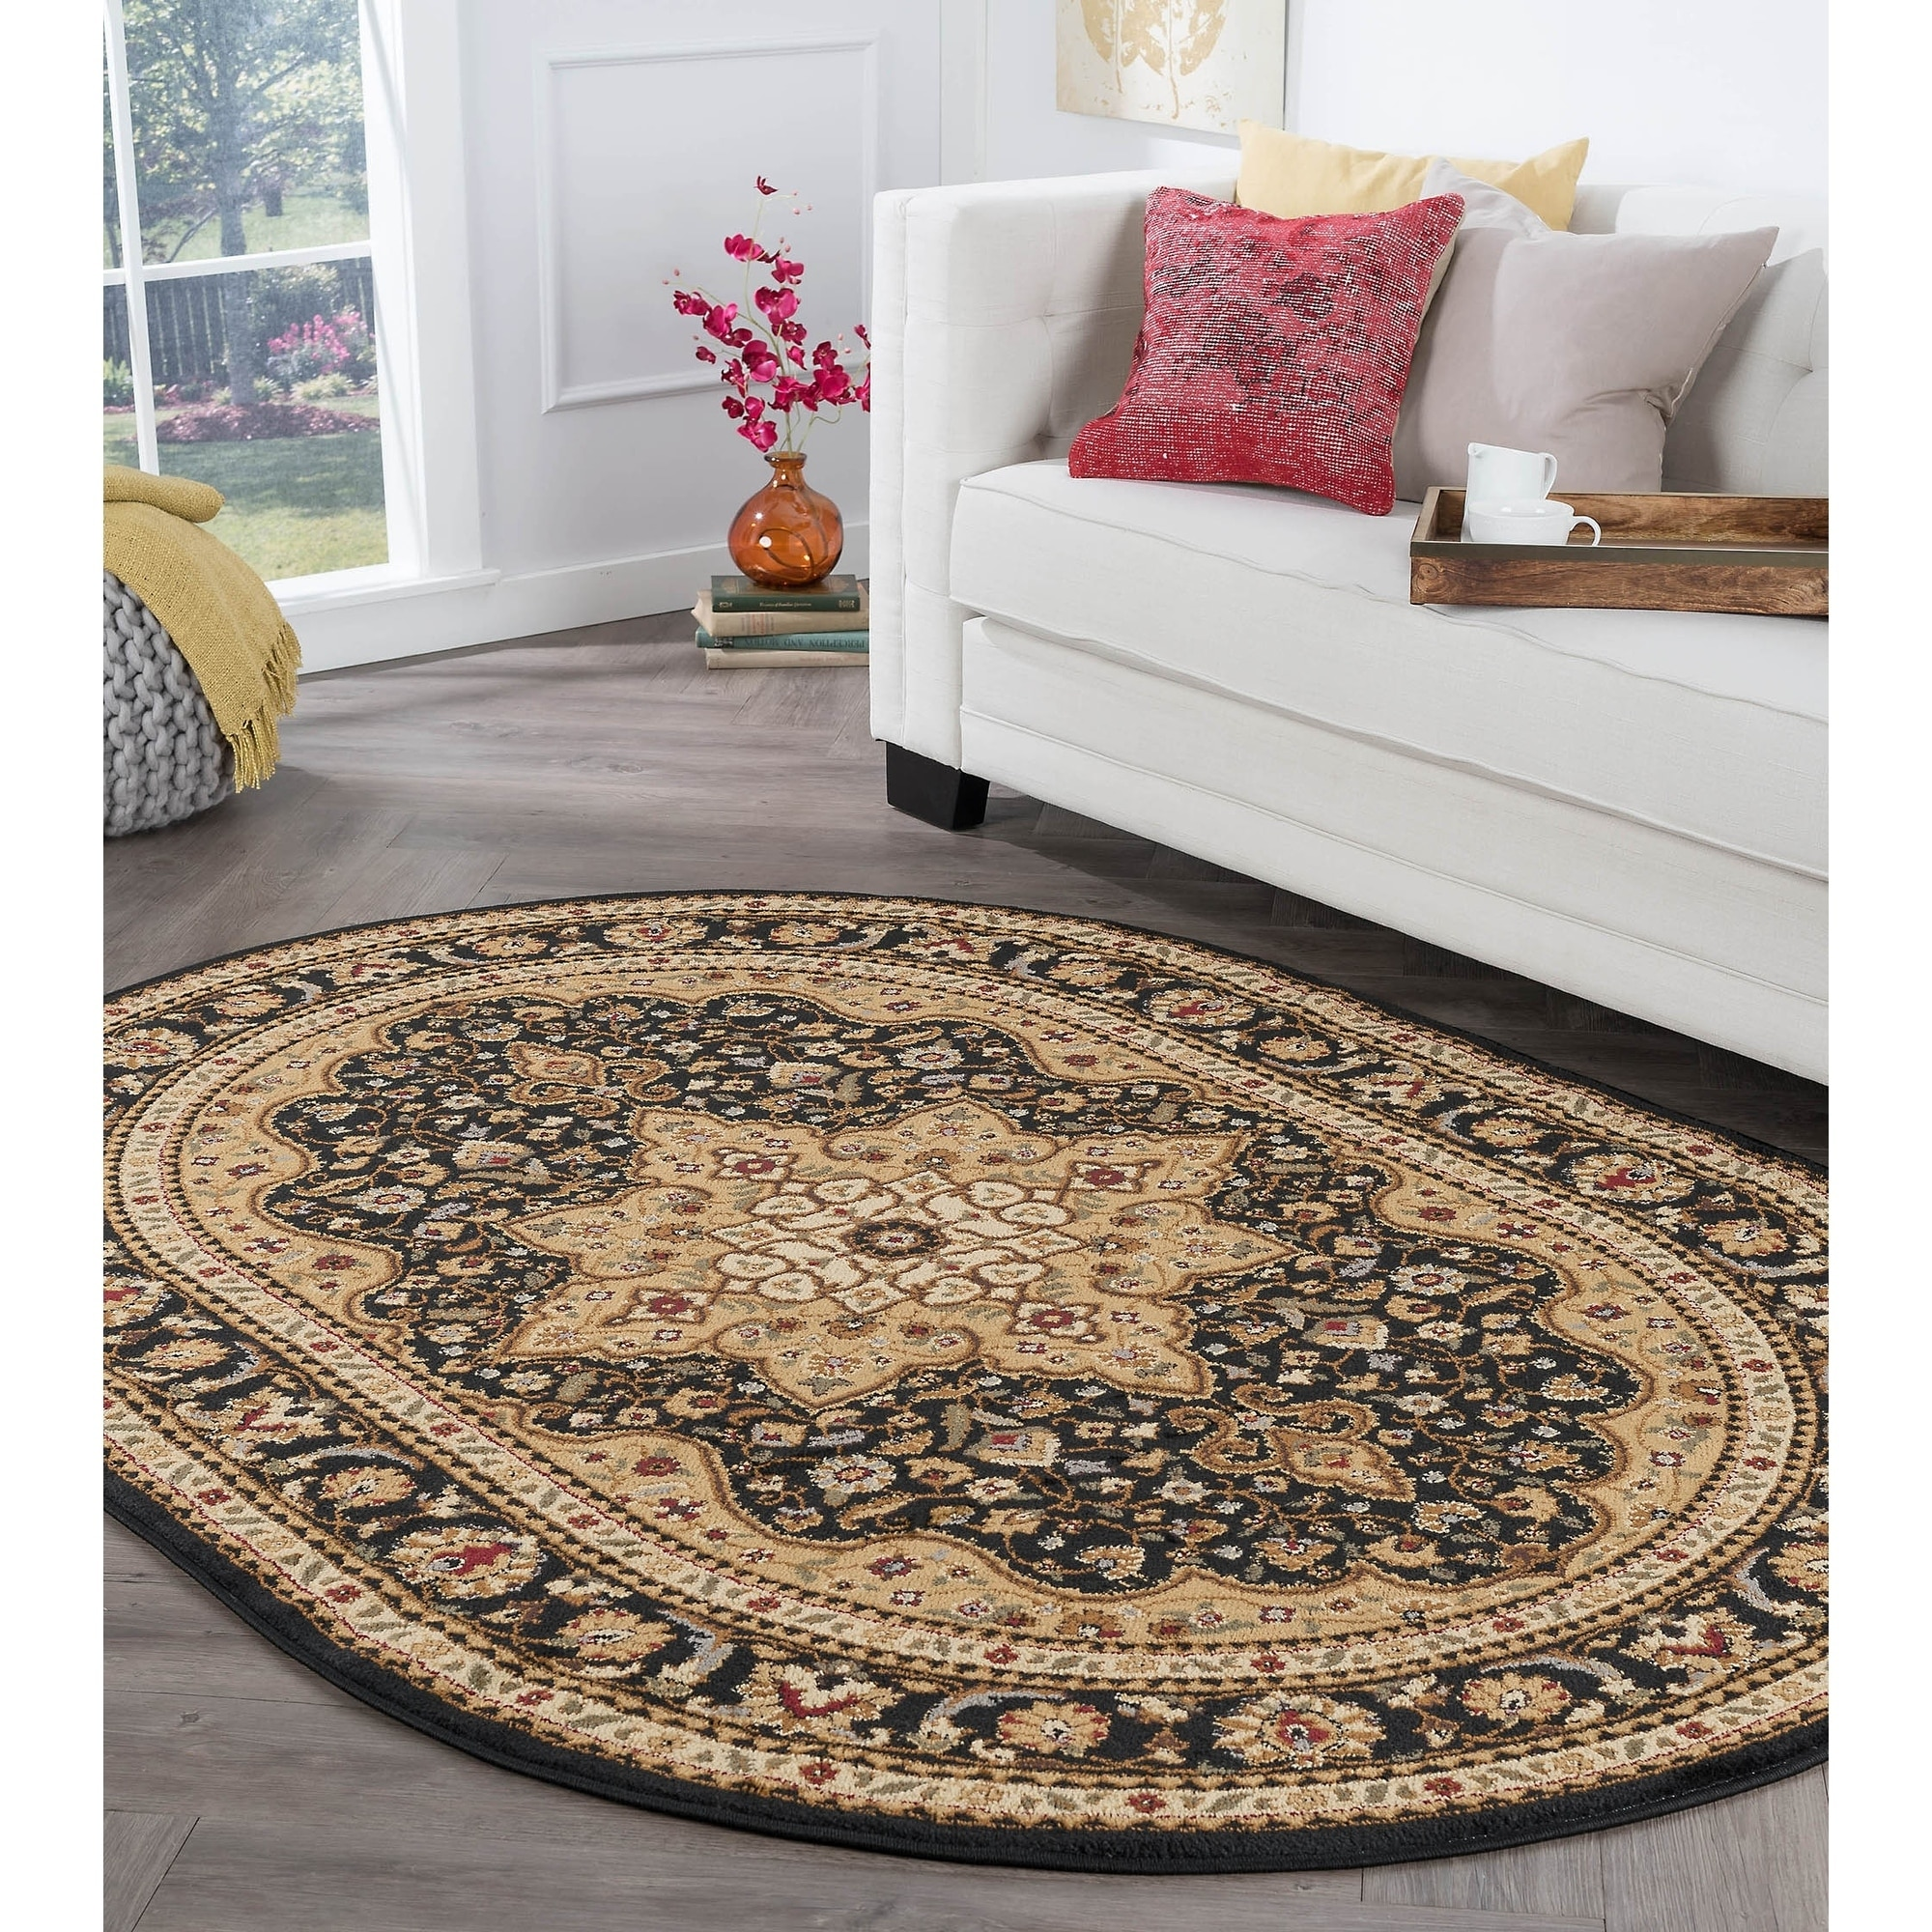 Alise Rugs Rhythm Traditional Oriental Oval Area Rug 6 7 X 9 6 Ebay